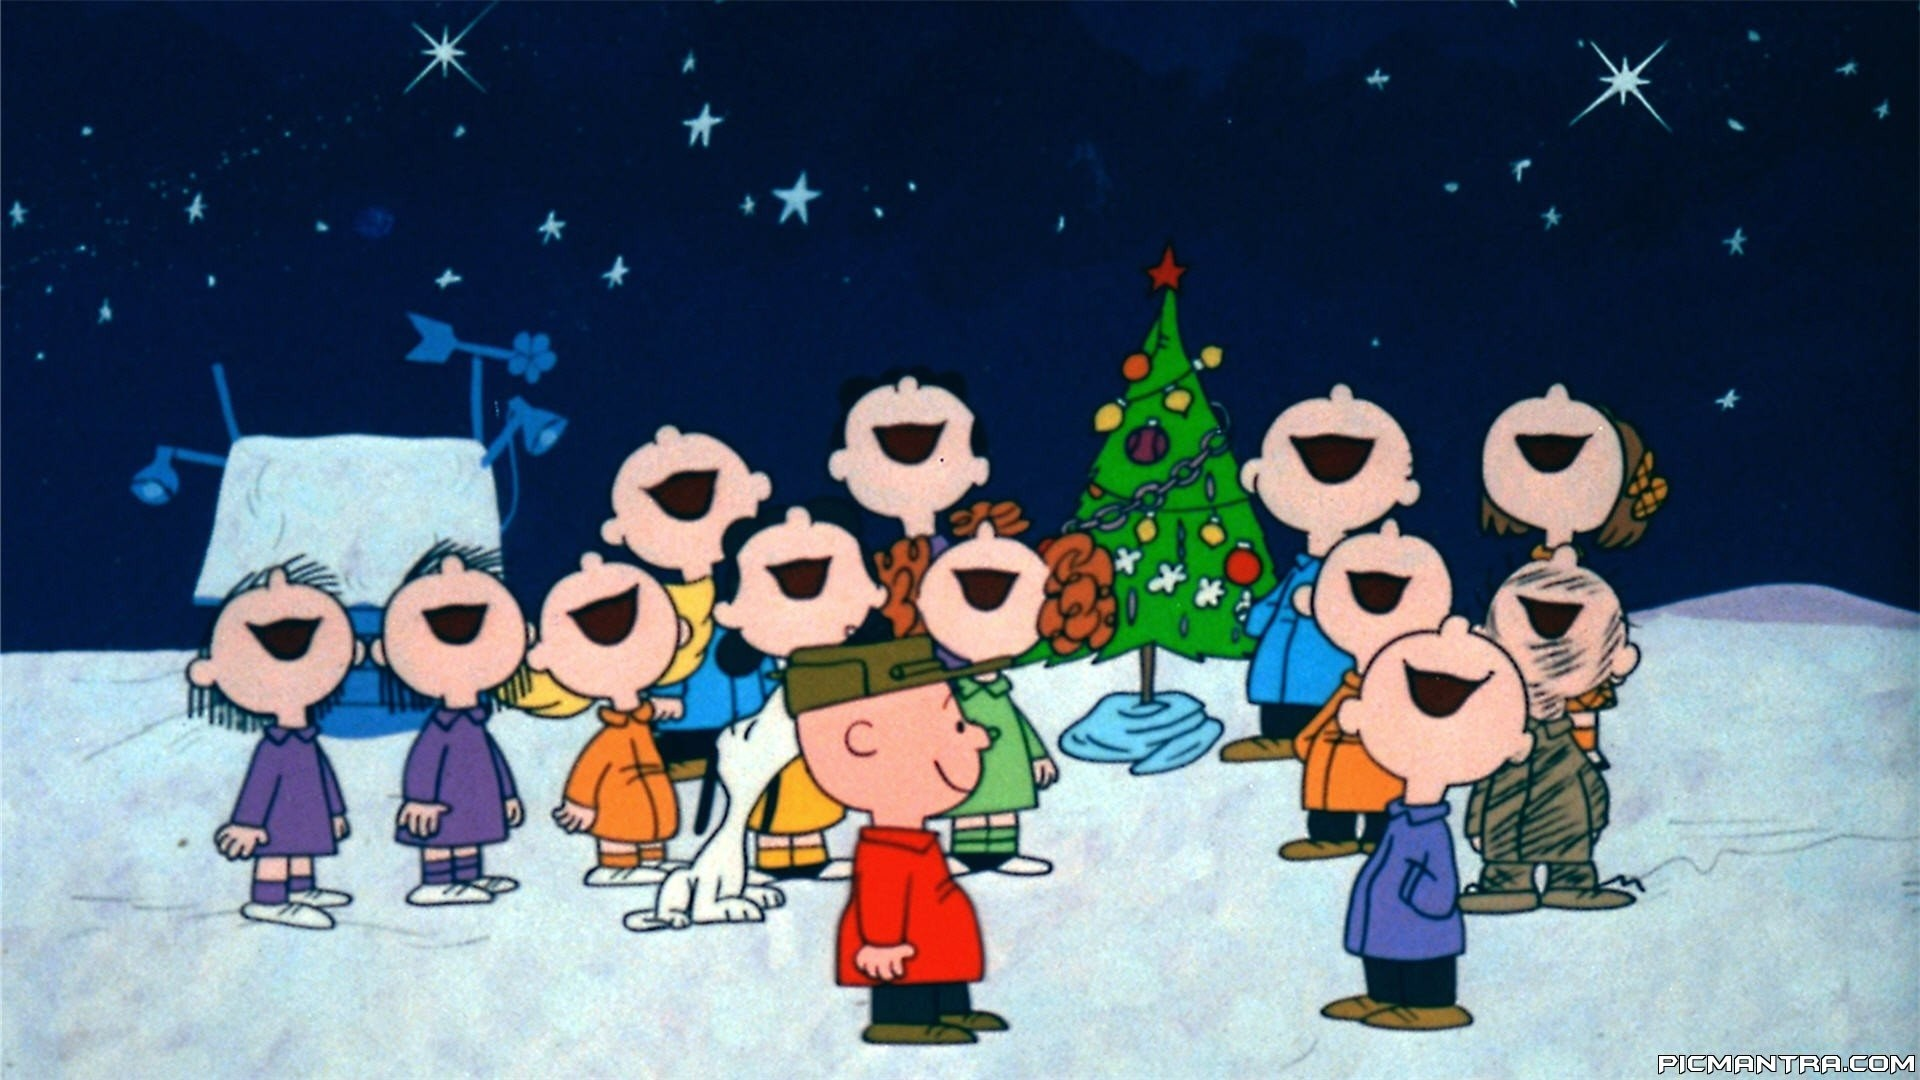 1641x2091 peanuts gang sparkling halloween die cut wall decor woodstock peanuts gang sparkling halloween die cut wall decor woodstock